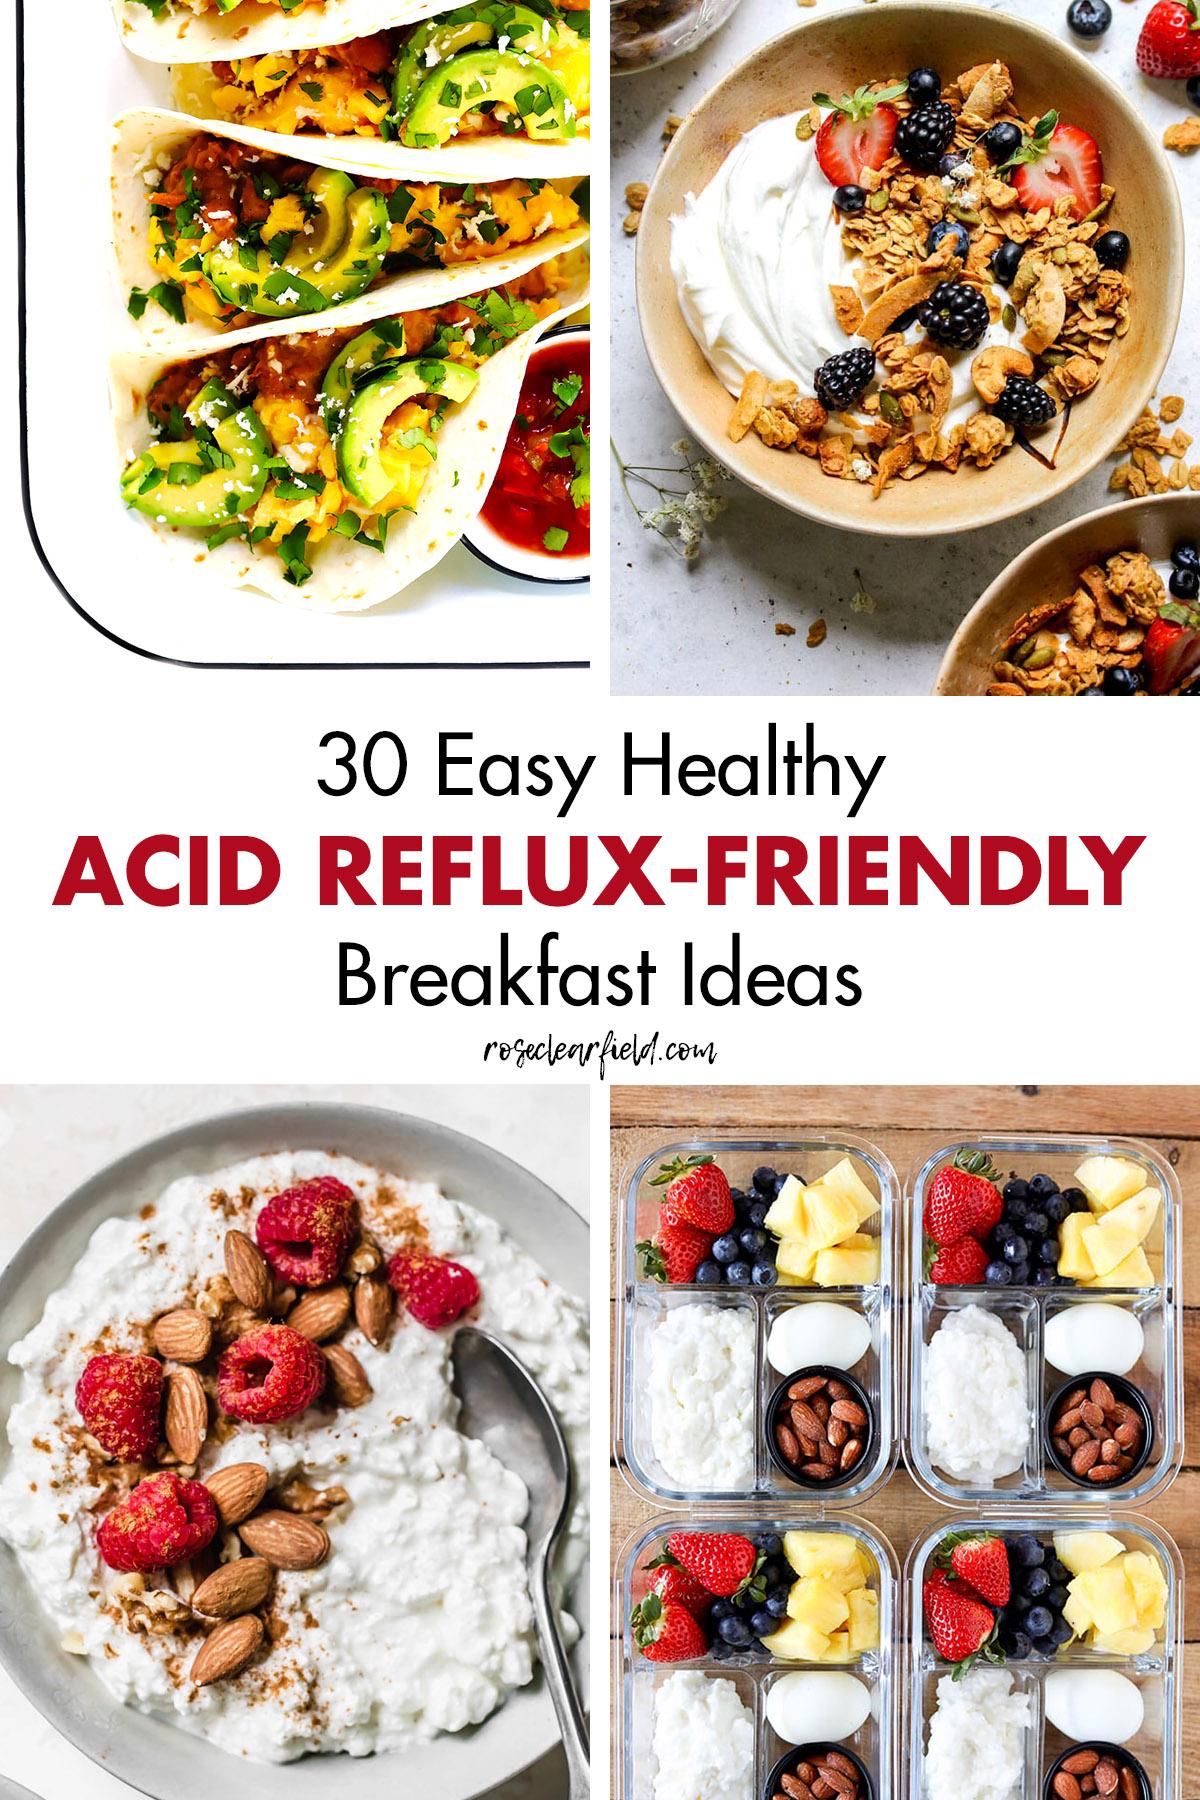 30 Easy Healthy Acid Reflux Friendly Breakfast Ideas Rose Clearfield